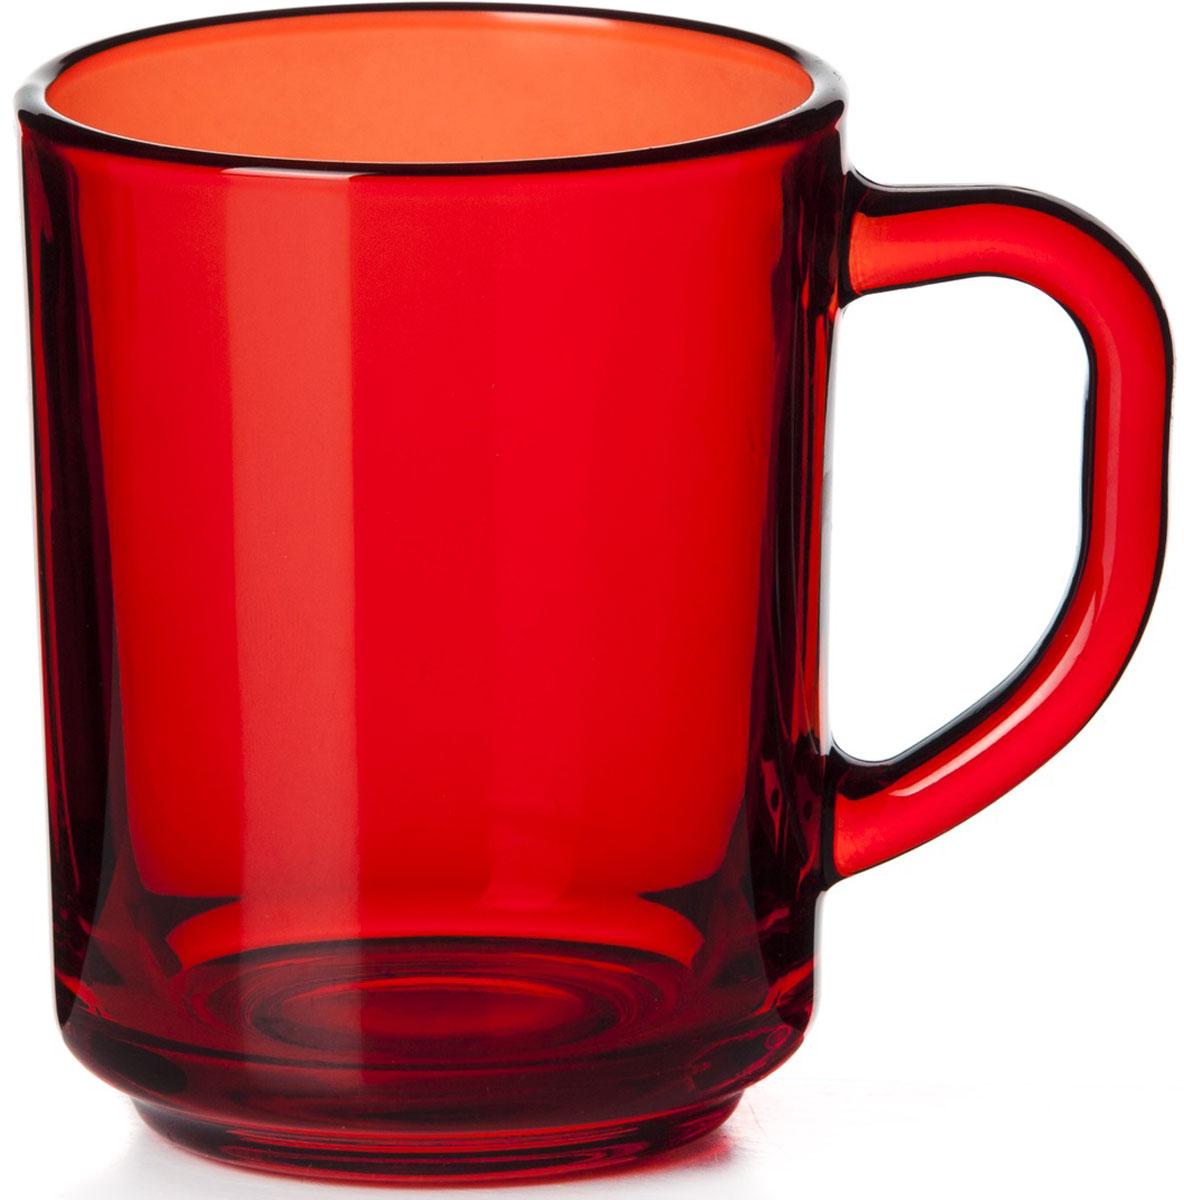 Кружка Pasabahce Энжой Рэд, цвет: красный, 250 мл863686Кружка Pasabahce Энжой Рэд изготовлена из прозрачного цветного стекла.Изделие идеально подходит для сервировки стола.Кружка не только украсит ваш кухонныйстол, но и подчеркнет прекрасный вкус хозяйки. Объем кружки: 250 мл.